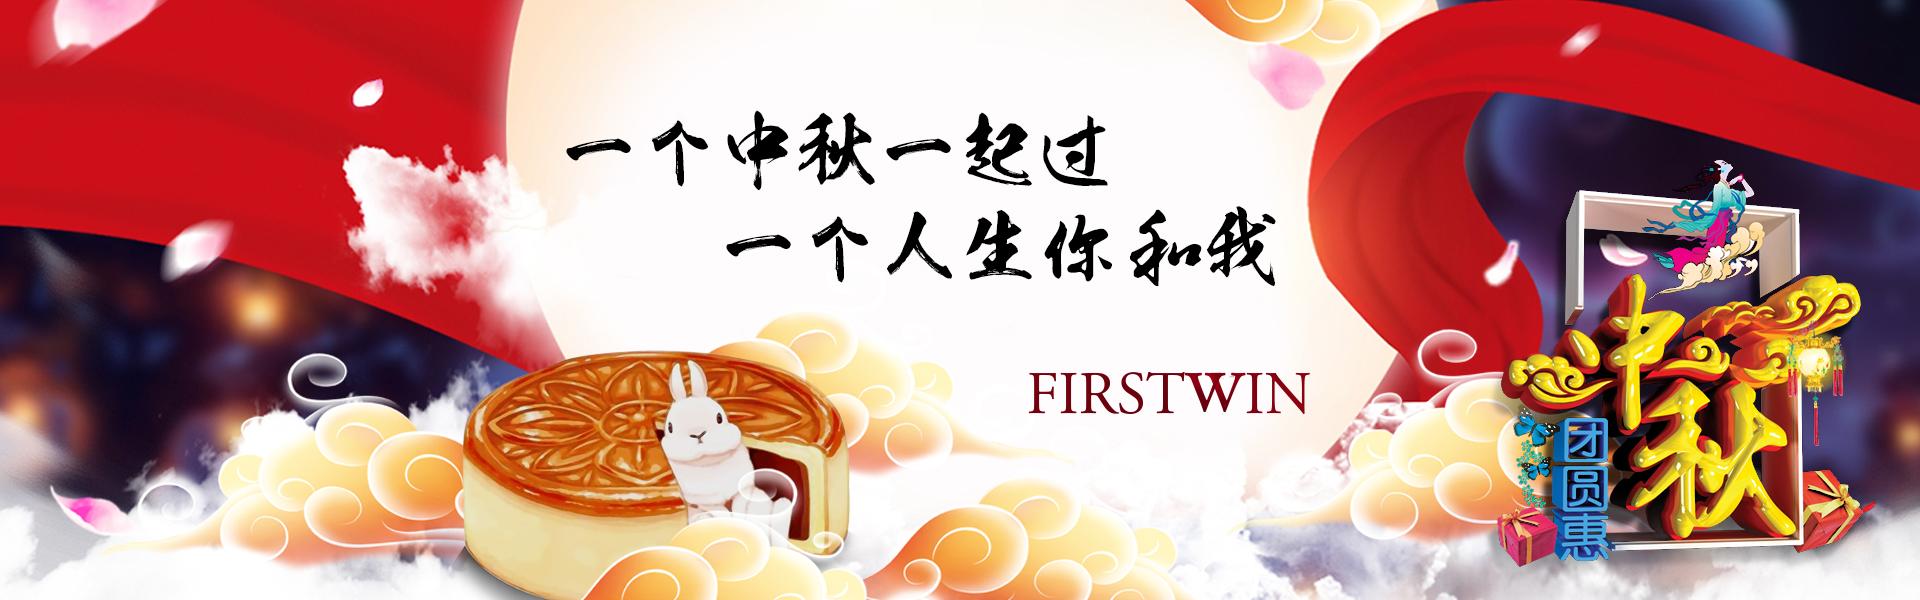 firstwinn mid autumn festival banner